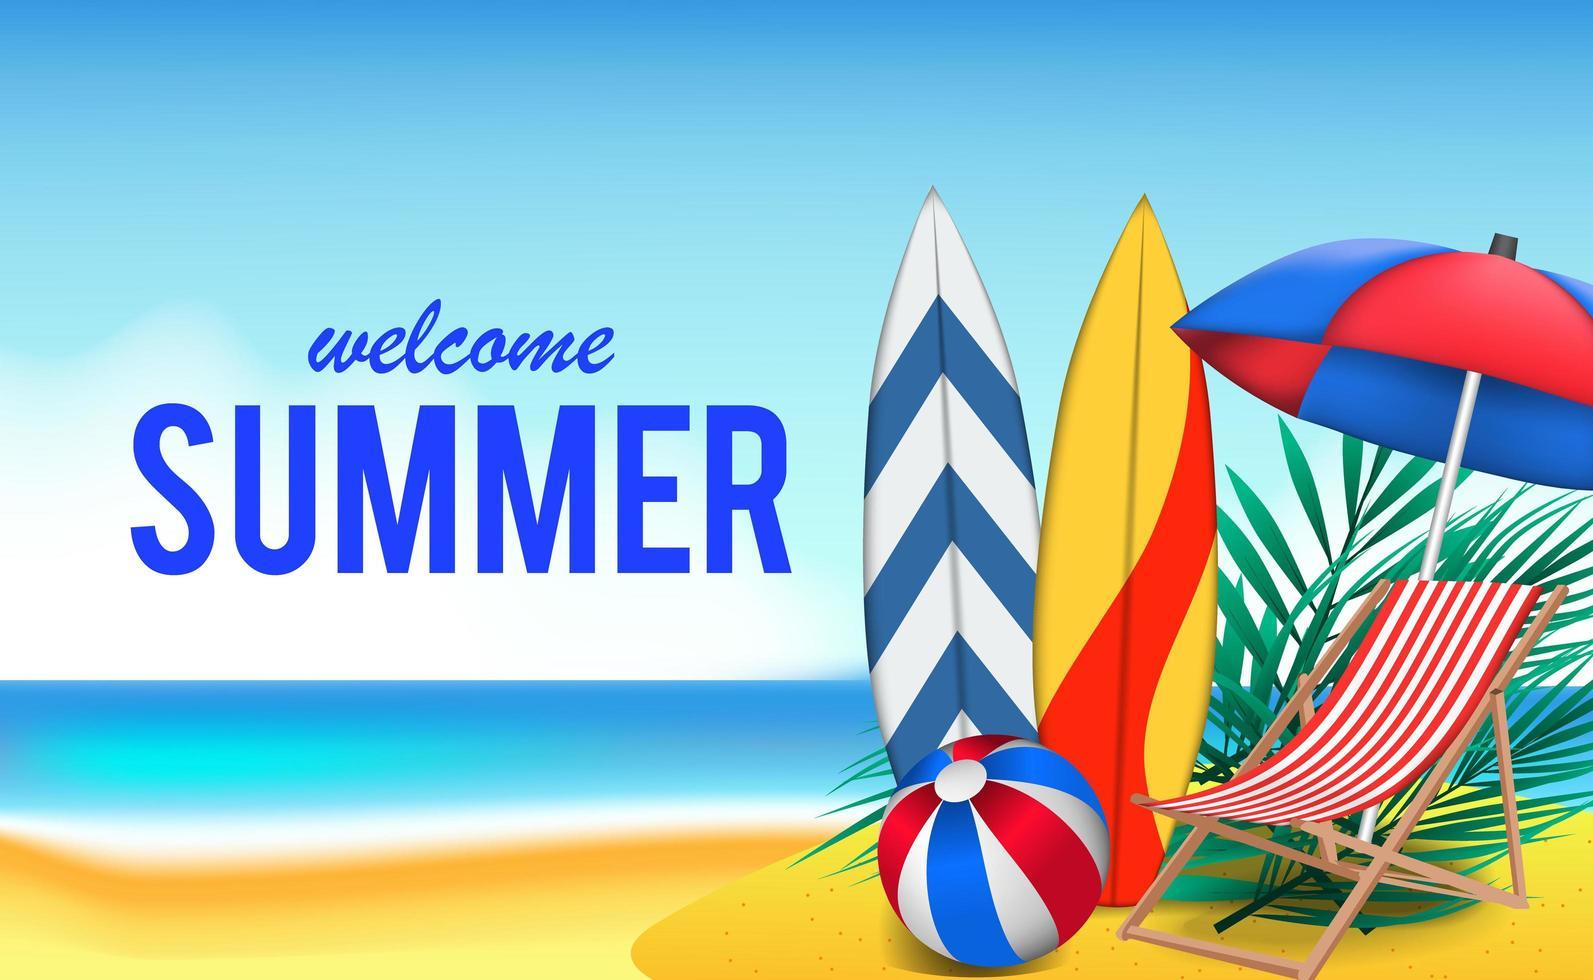 Olá, dia de verão, viagem, férias na praia vetor